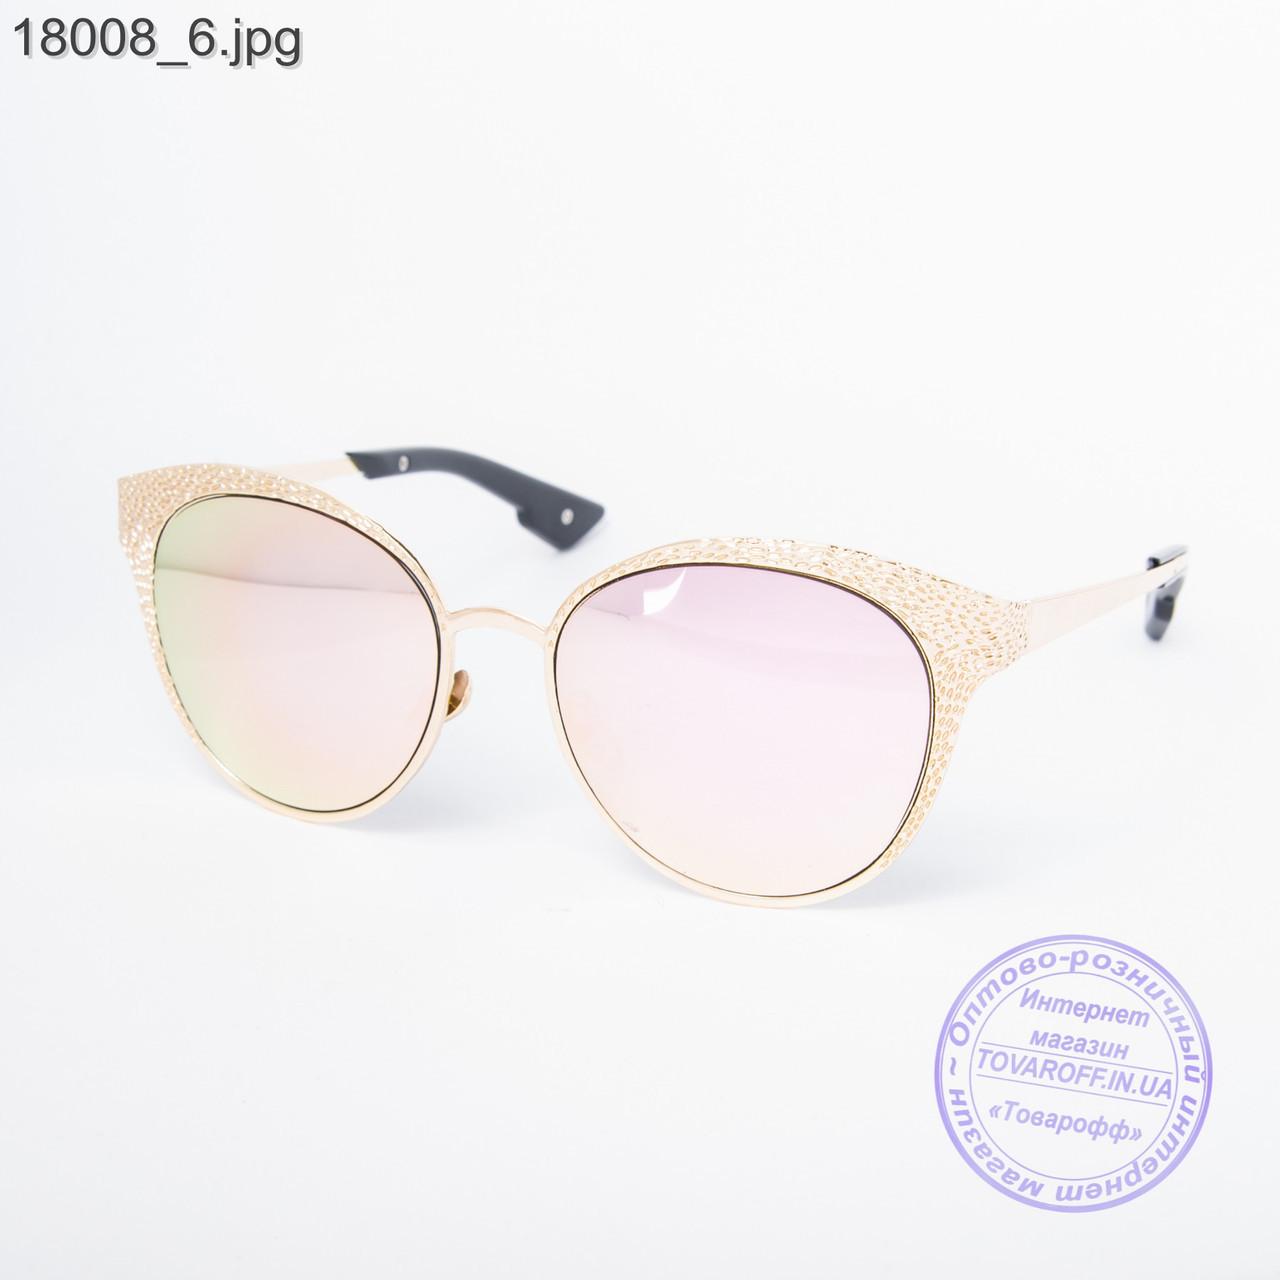 Оптом женские модные очки с зеркальным стеклом - Золотистые - 18008